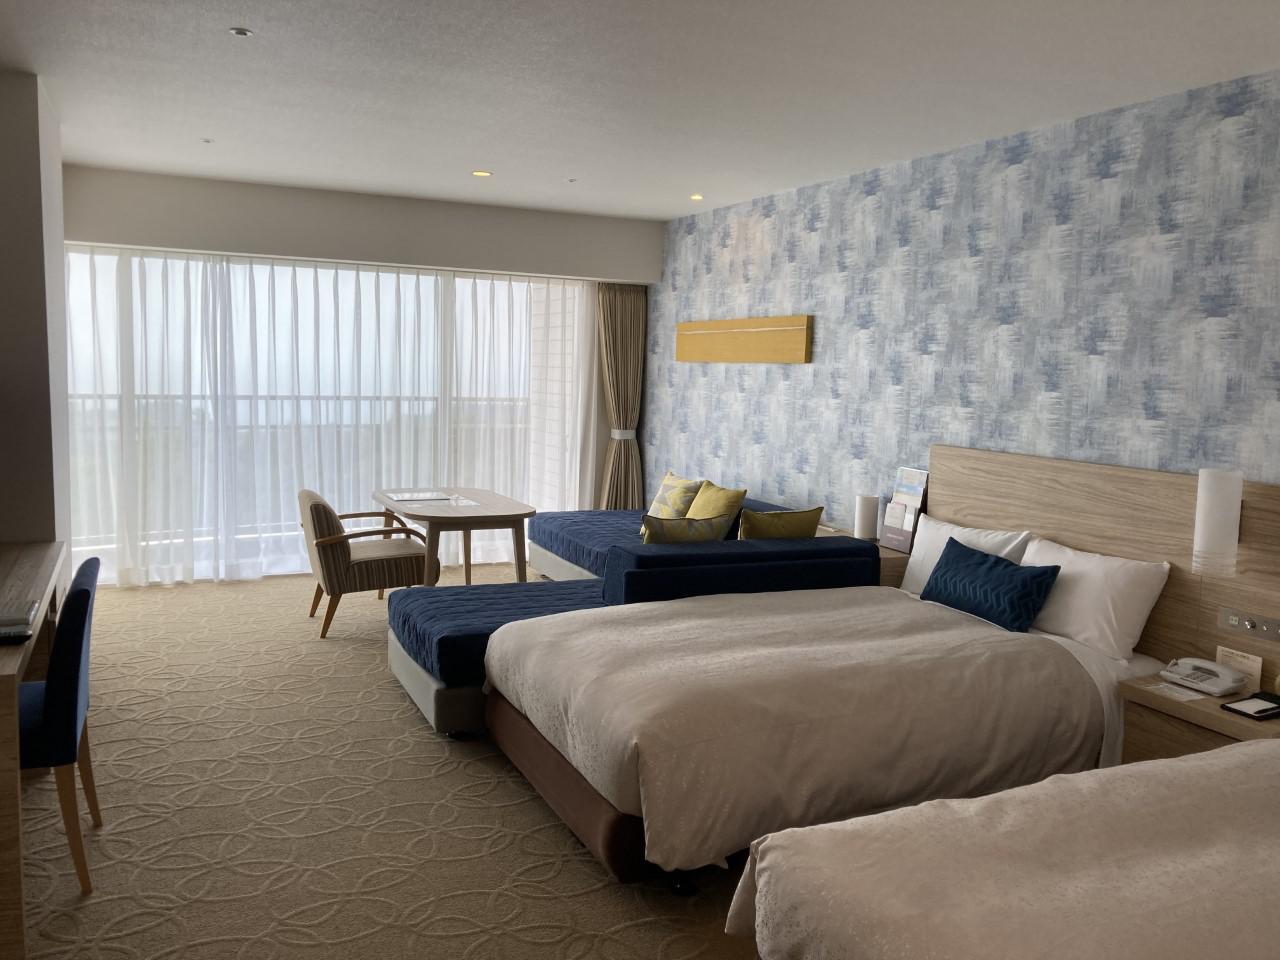 画像: ホテルハーヴェスト勝浦 洋室イメージ